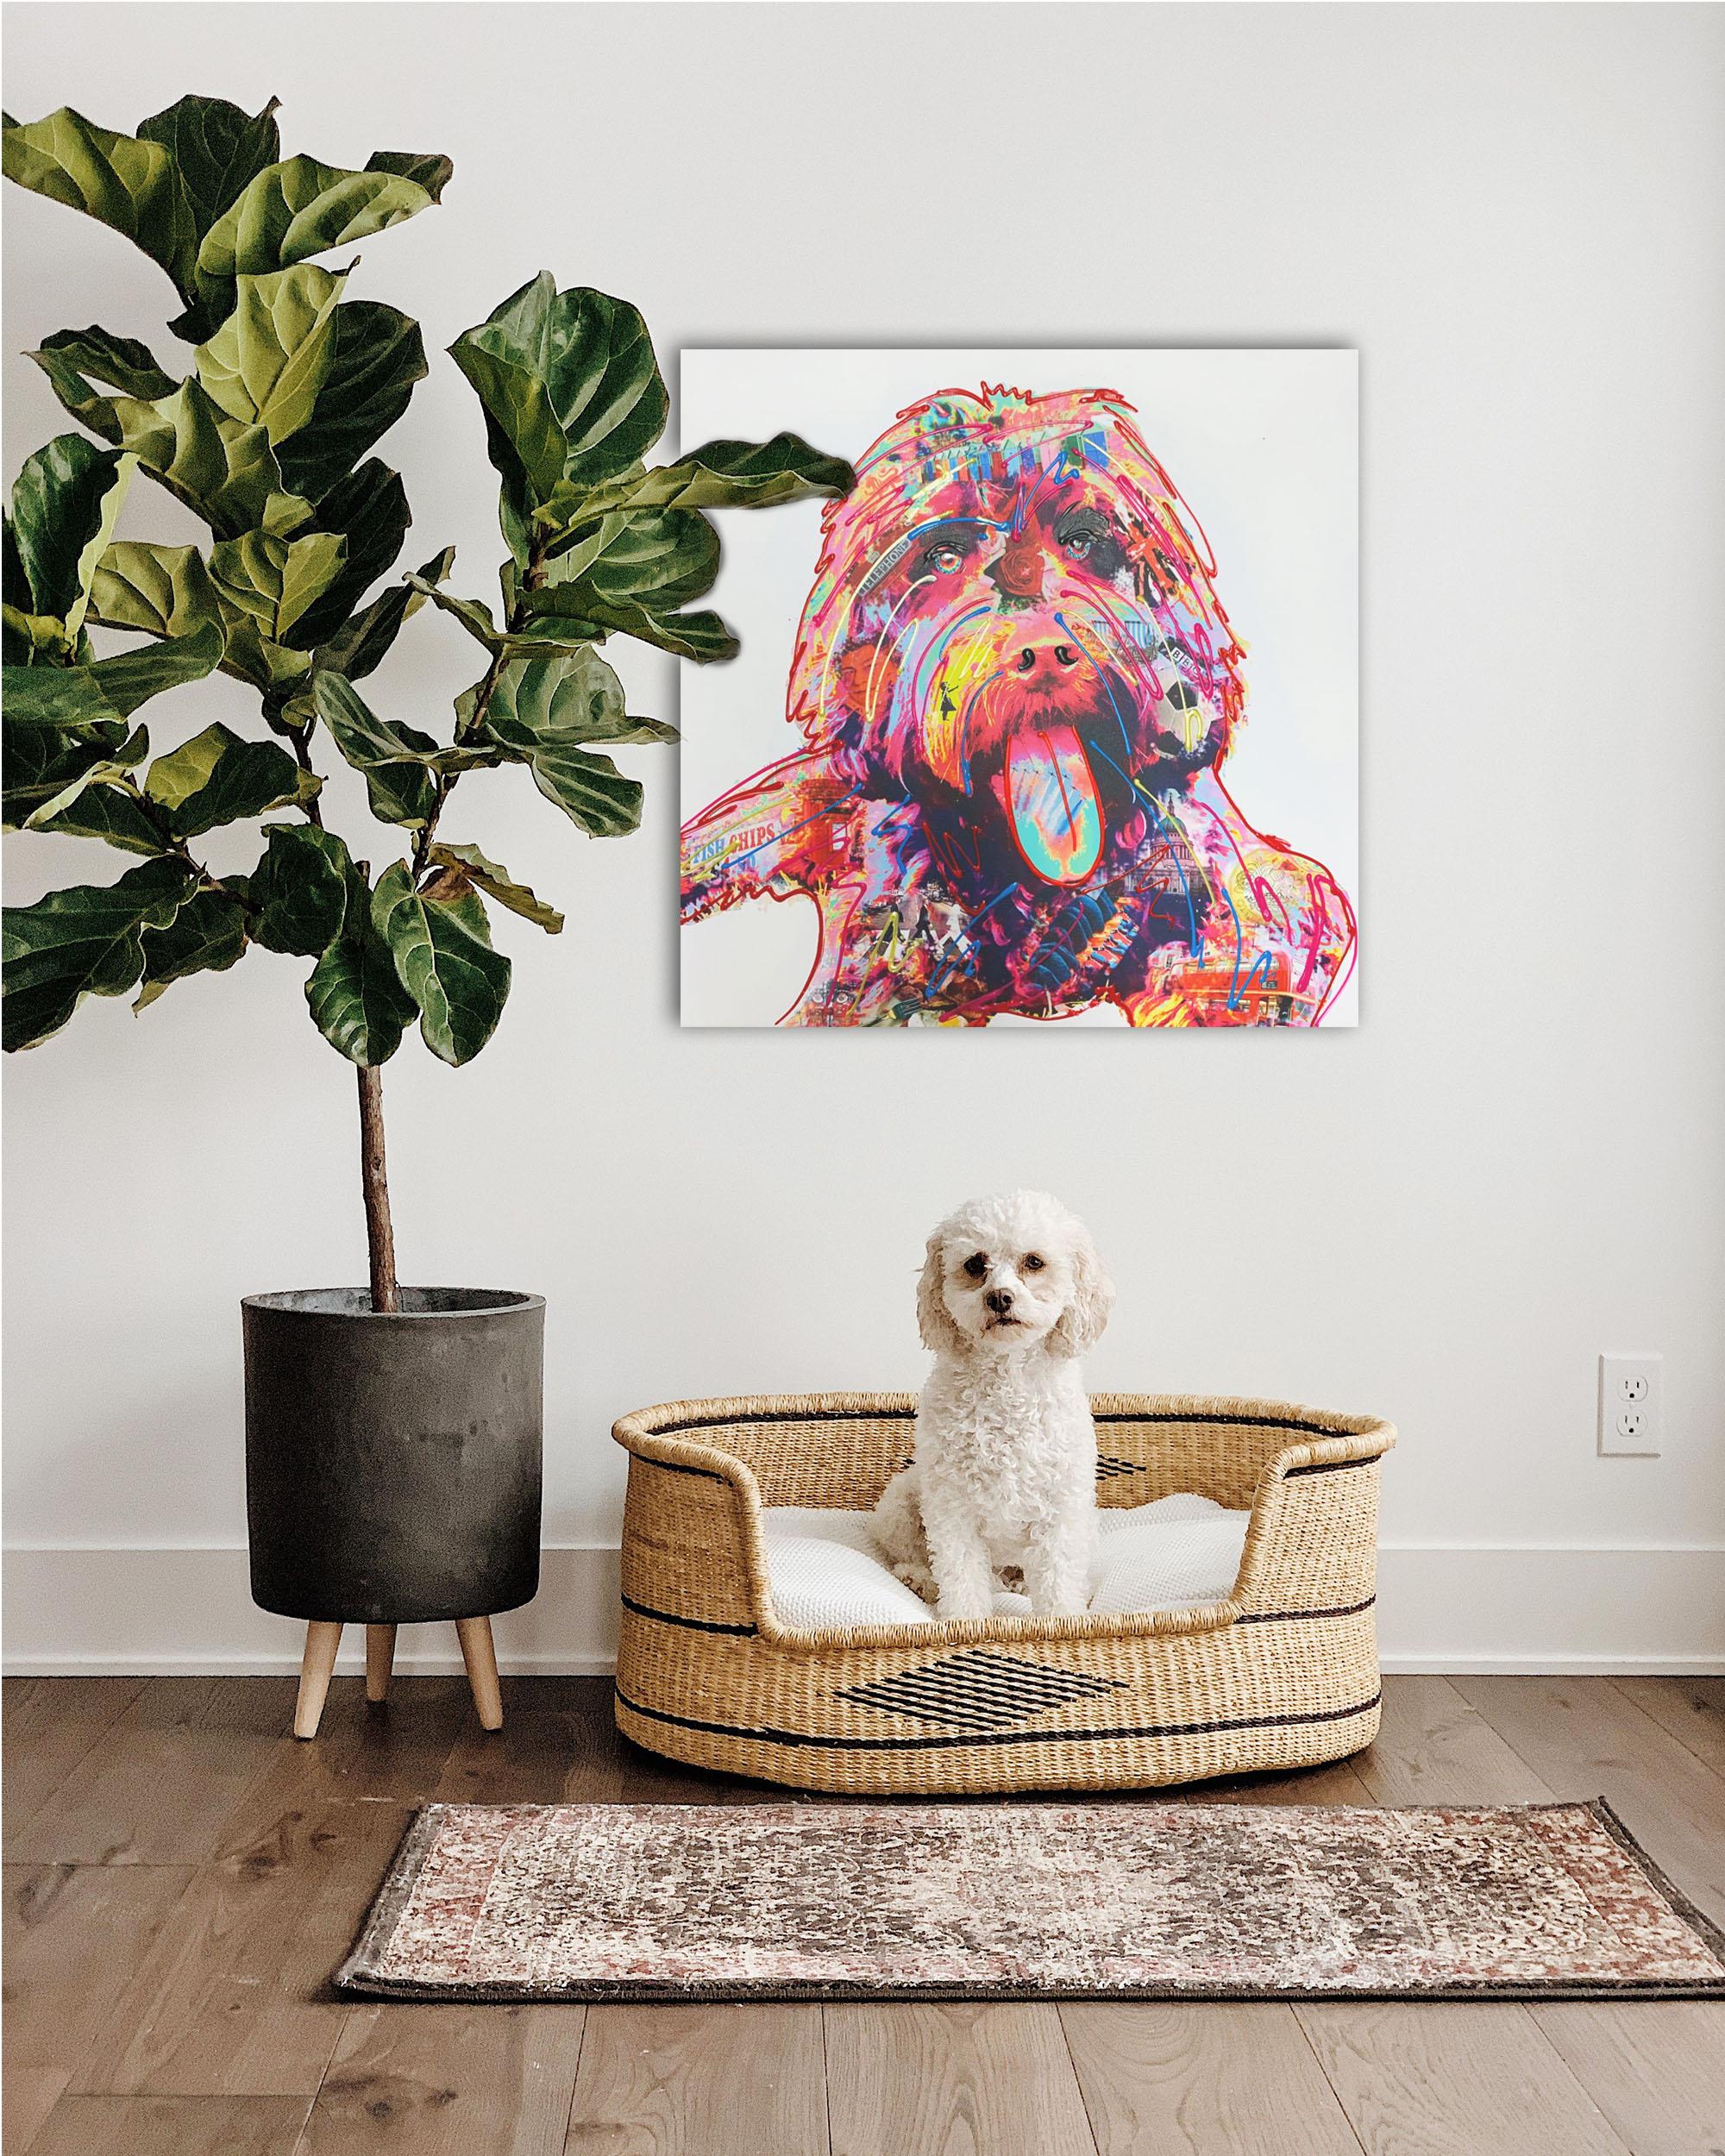 Coco Cockapoo, Pet Portrait Commissions available